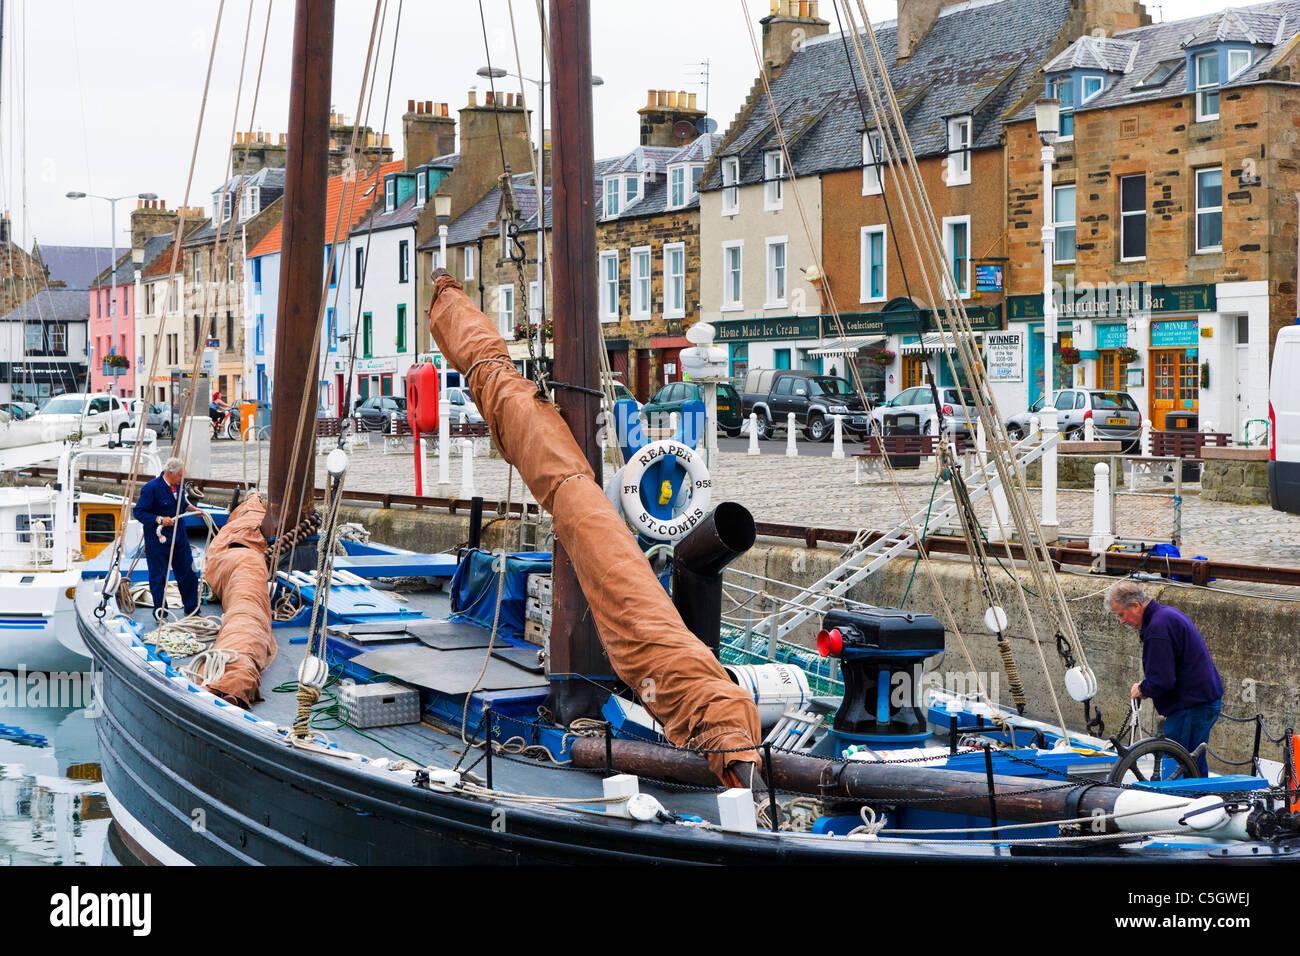 The historic Fife herring drifter Reaper in Anstruther harbour, East Neuk, Fife, Scotland, UK - Stock Image